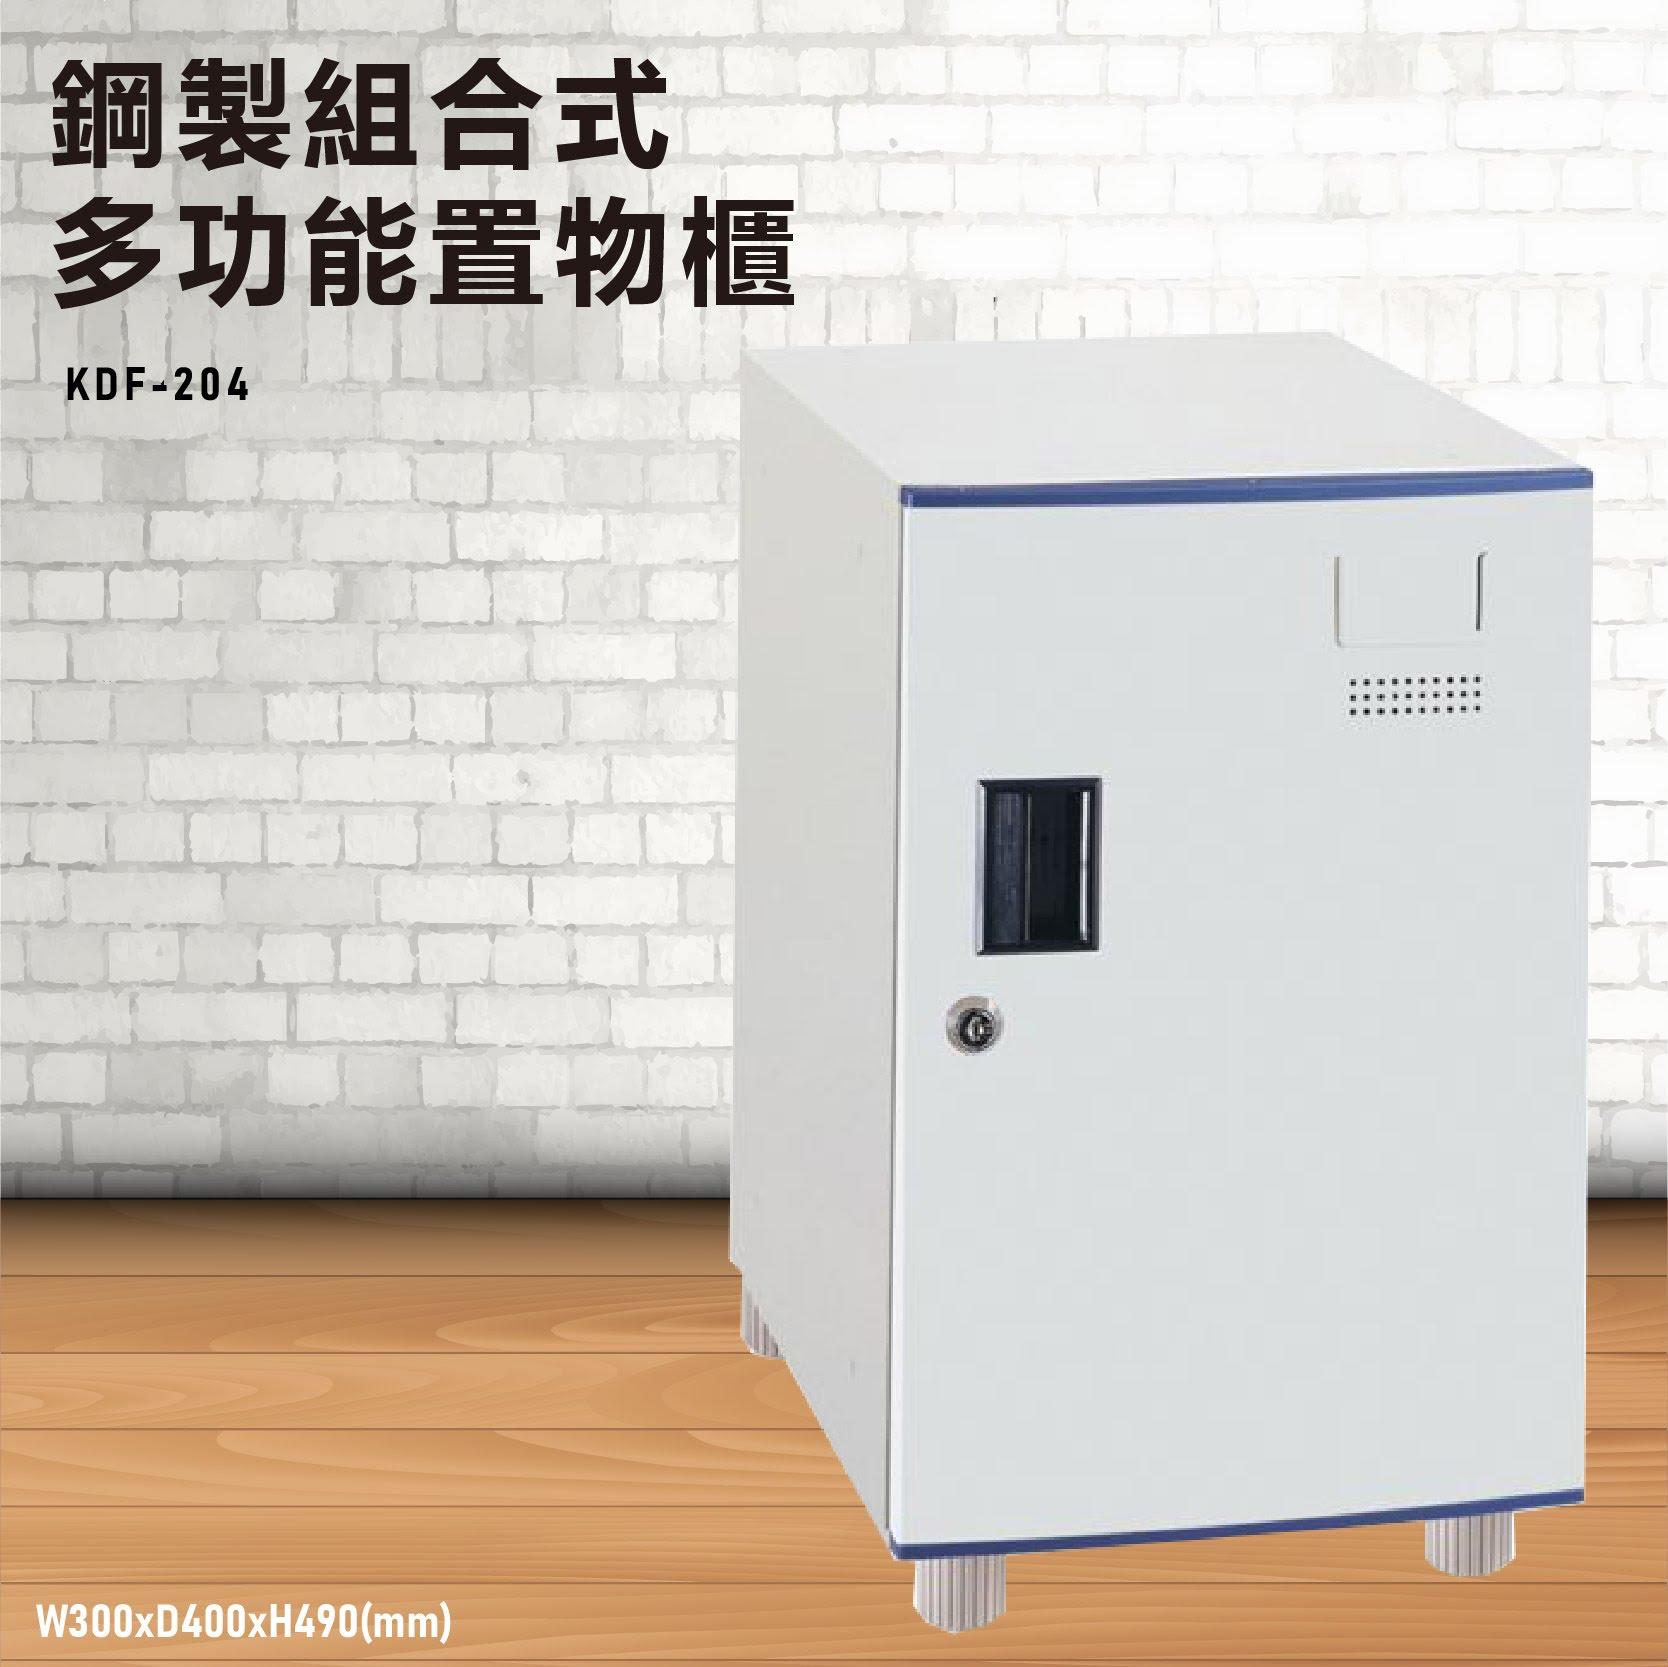 【鑰匙櫃】大富 KDF-204 多用途鋼製組合式置物櫃~可換購密碼鎖 收納櫃 更衣櫃 衣櫃 鞋櫃 存放 員工宿舍